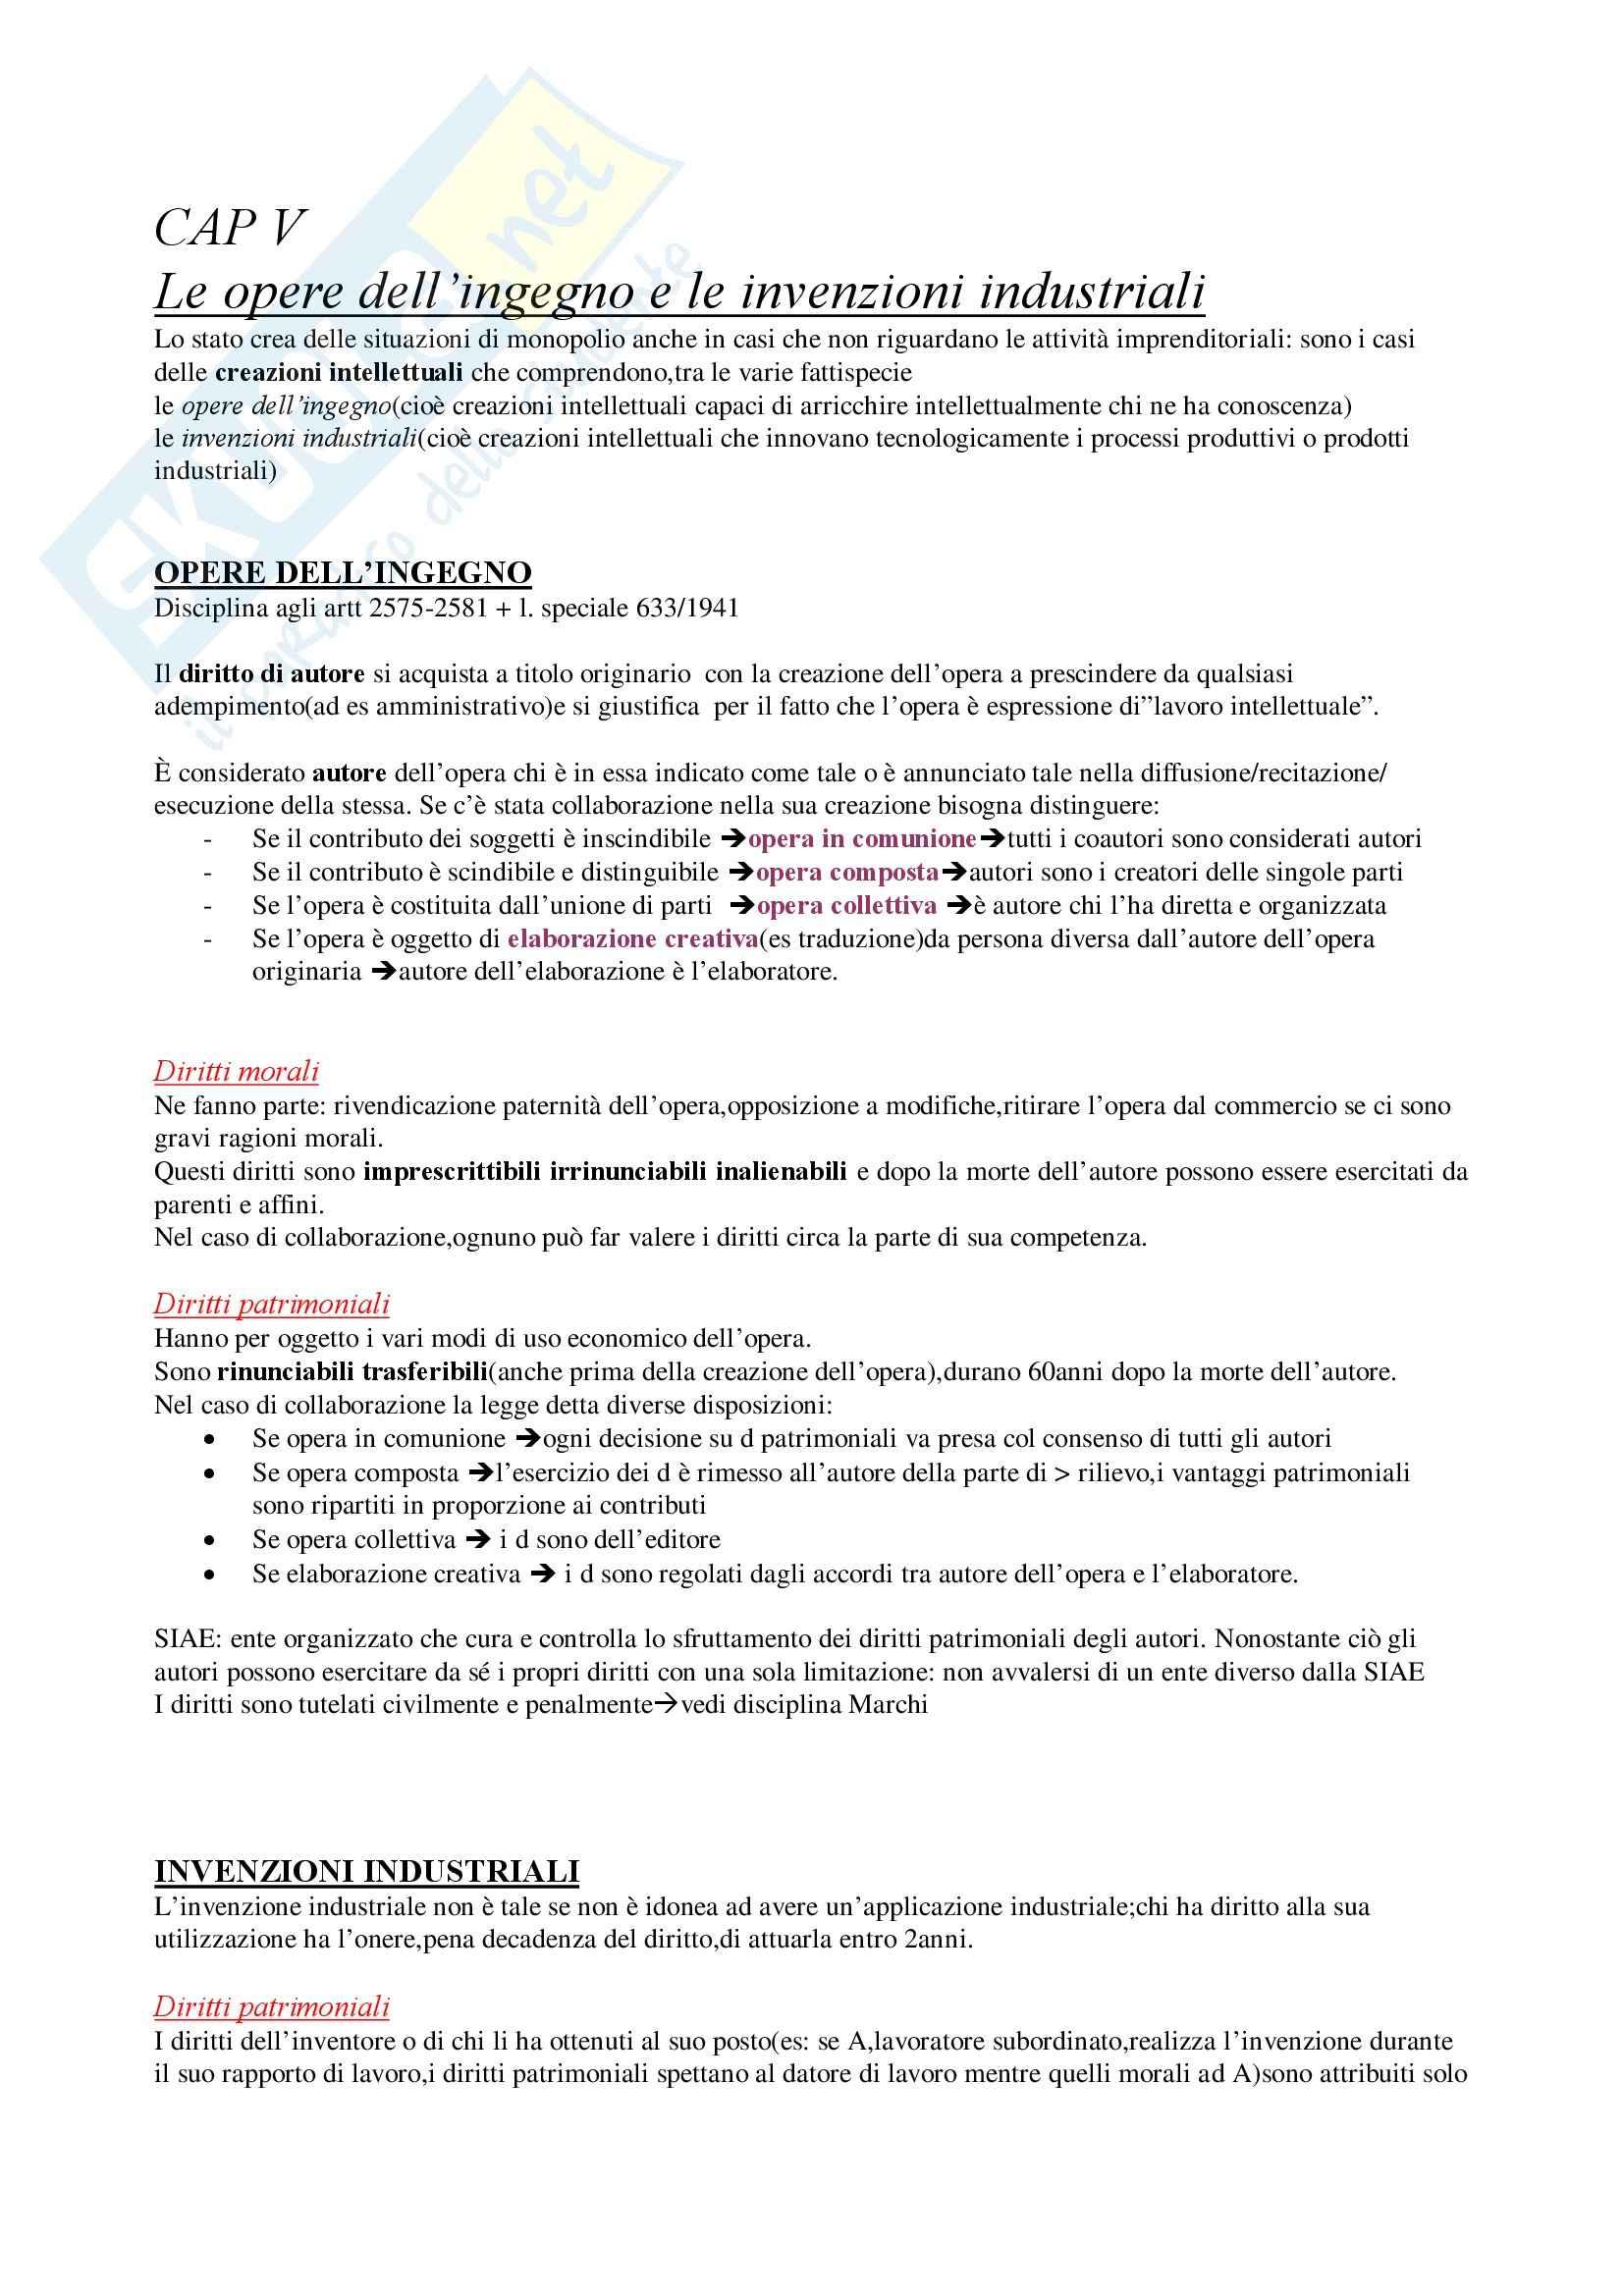 Diritto commerciale - opere dell'ingegno e invenzioni industriali